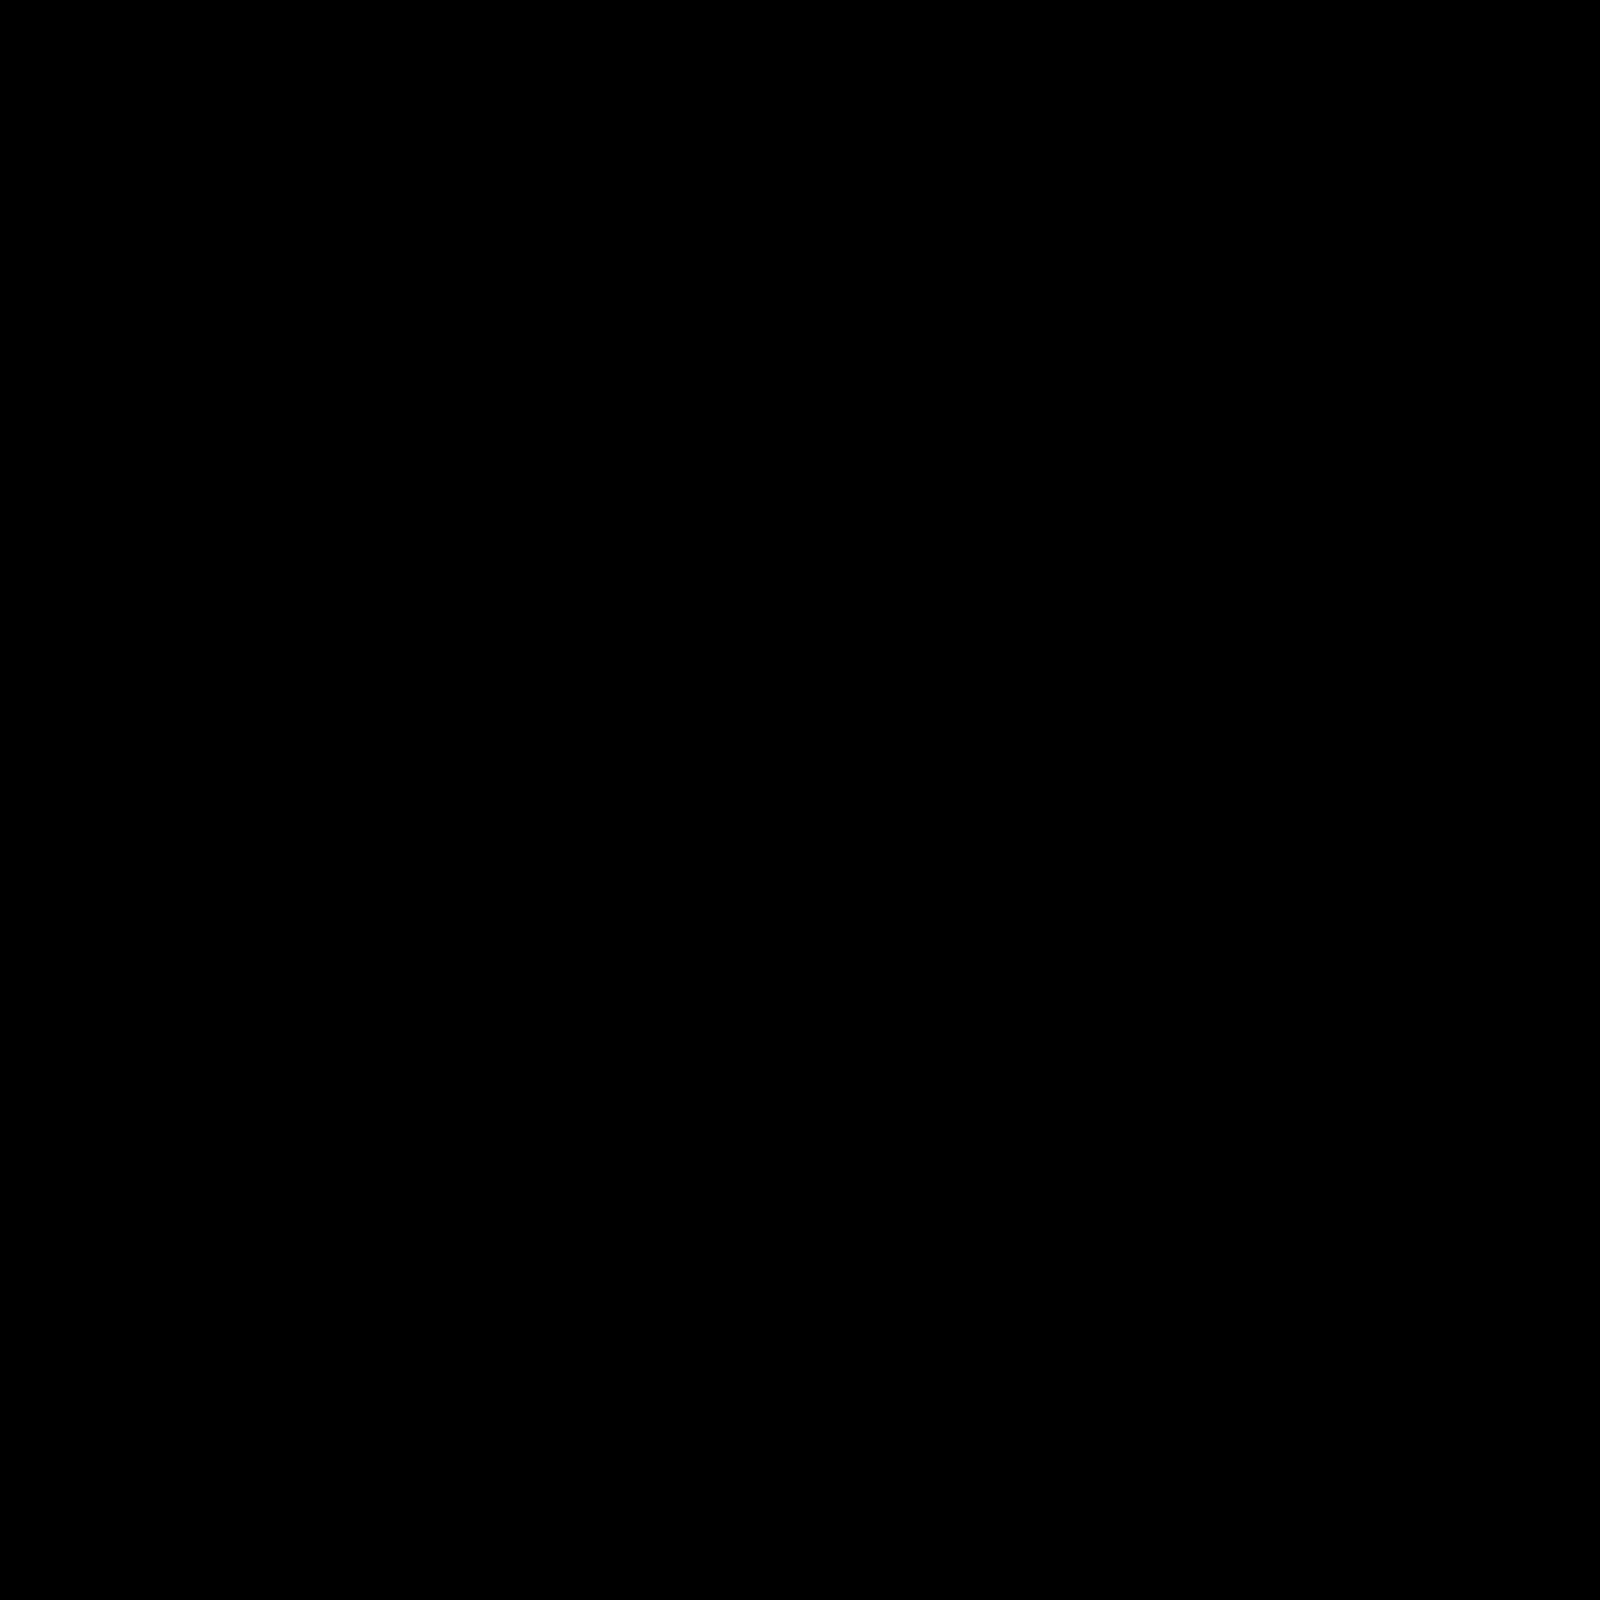 Pin Pad icon